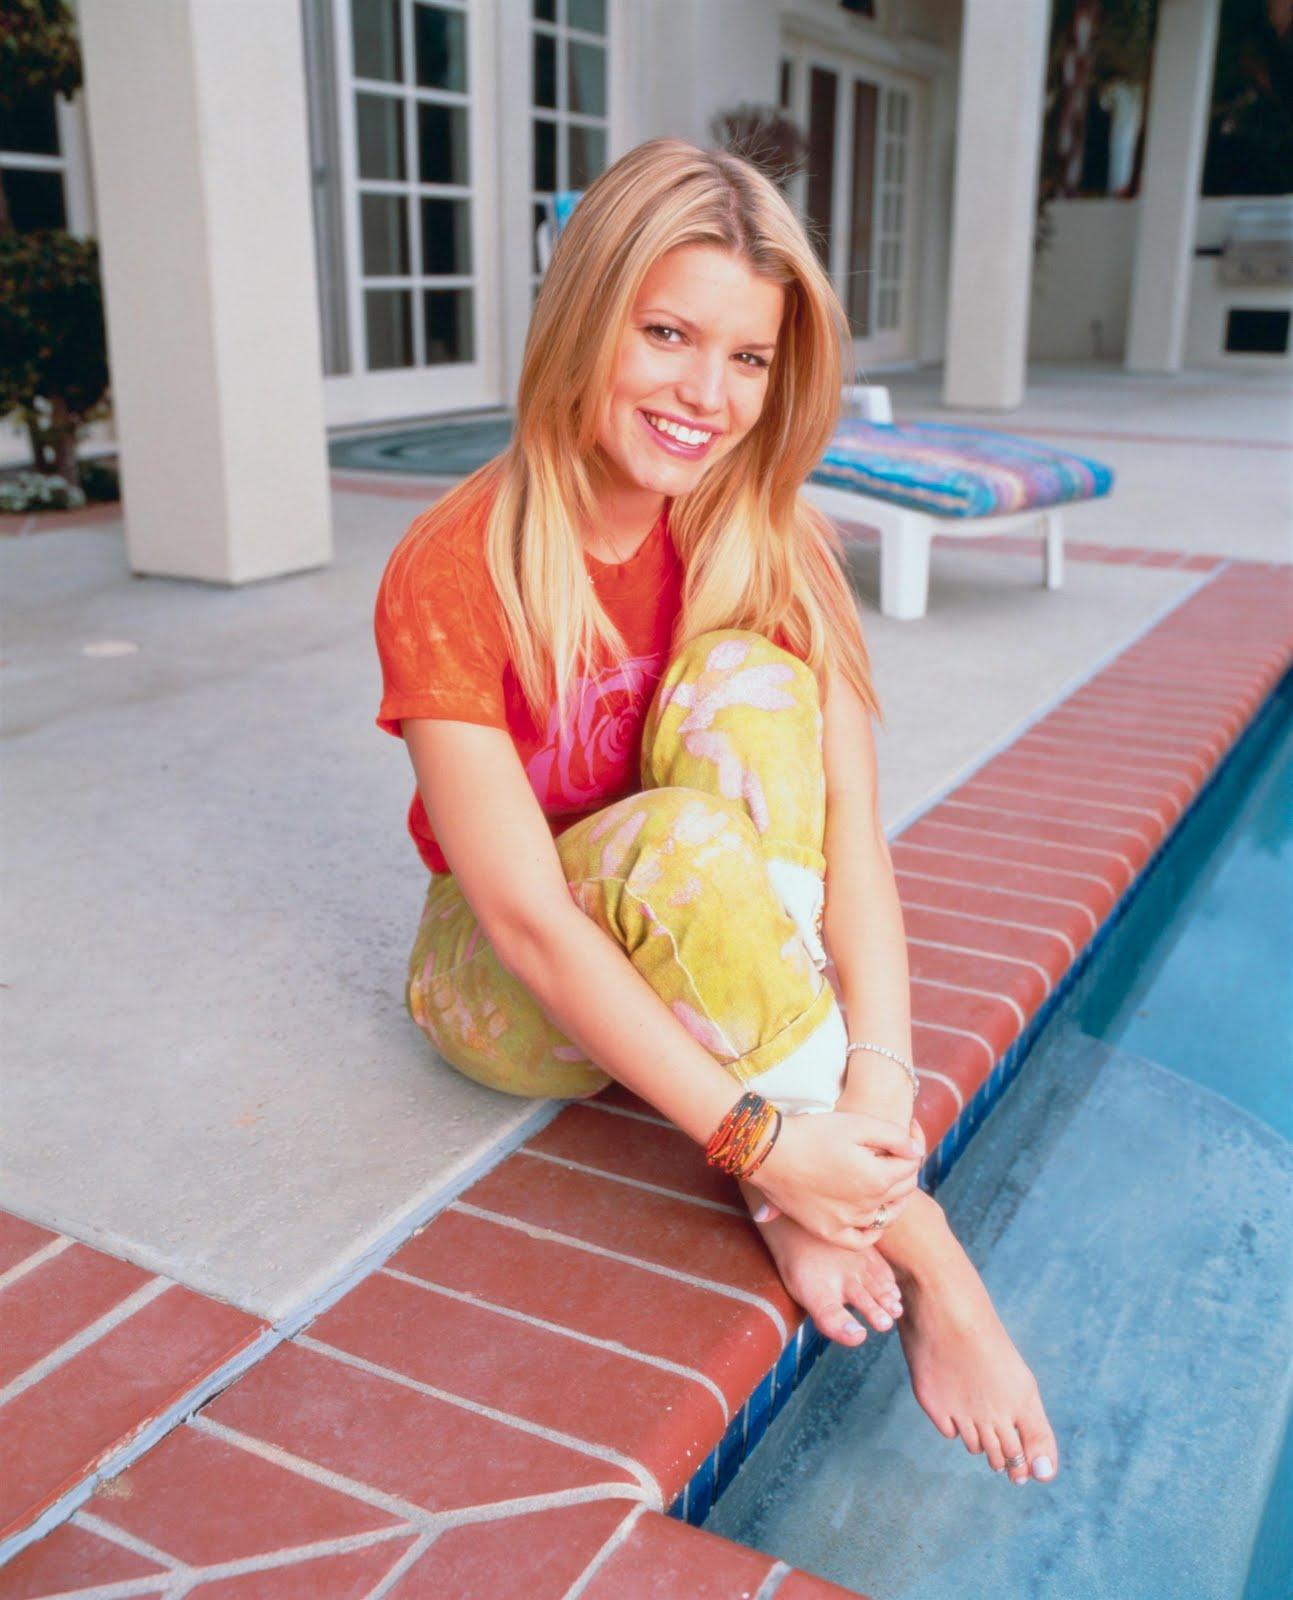 http://4.bp.blogspot.com/_UaLWp72nij4/S98nZBjmoVI/AAAAAAAAJZA/qm4XEW08BrY/s1600/jessica-simpson-feet-2.jpg